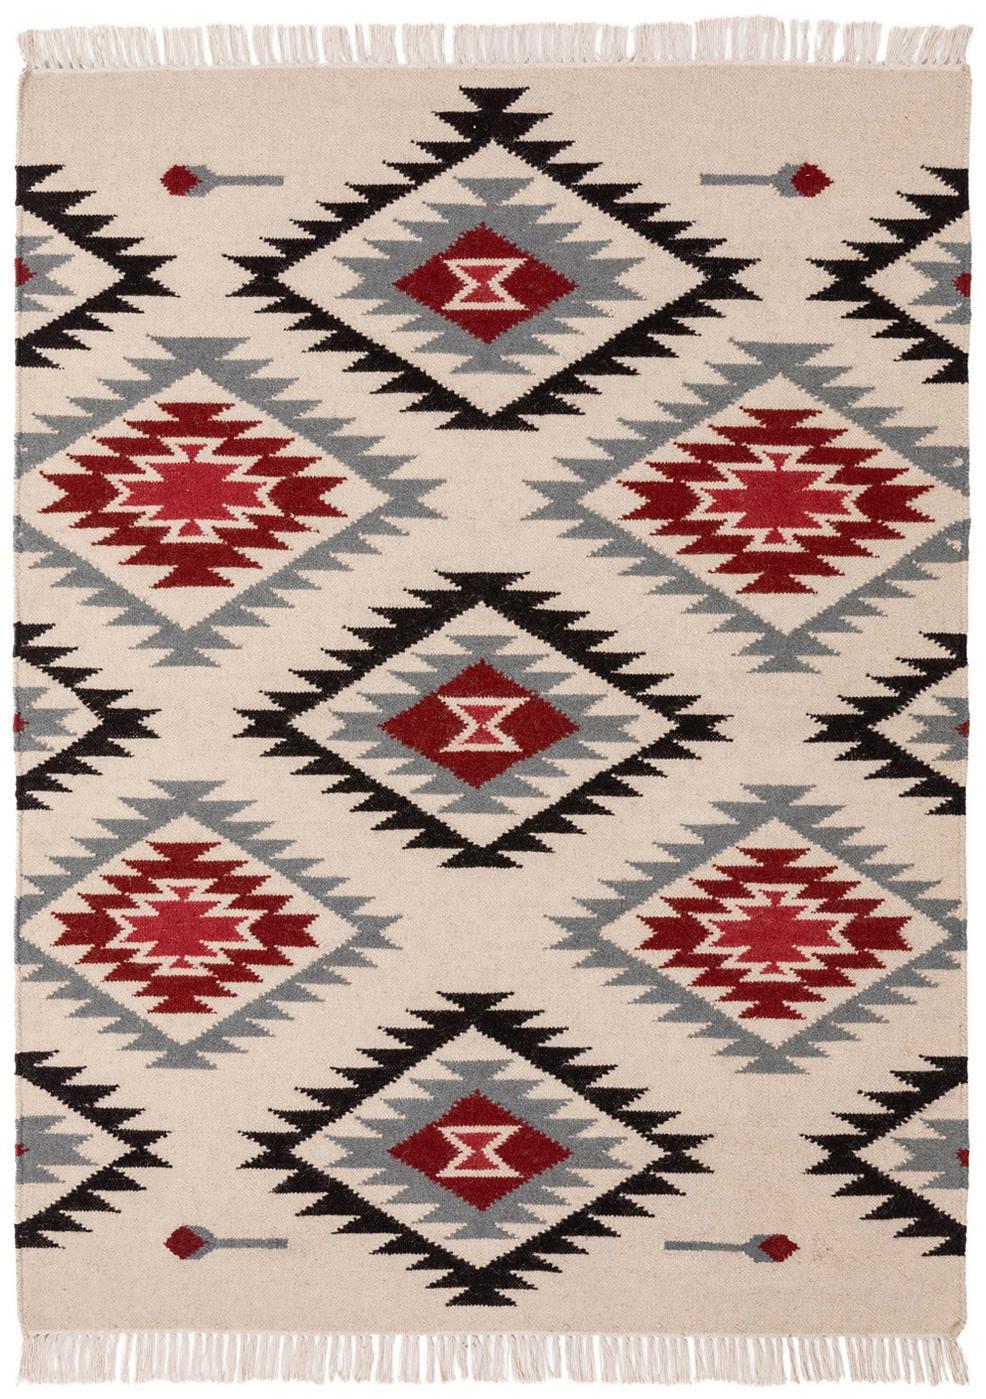 Handgeweven kelim vloerkleed Zohra Rose van wol, Bovenzijde: 90% wol, 10% katoen, Onderzijde: wol, Beige, grijs, zwart, rood, B 120 x L 170 cm (maat S)